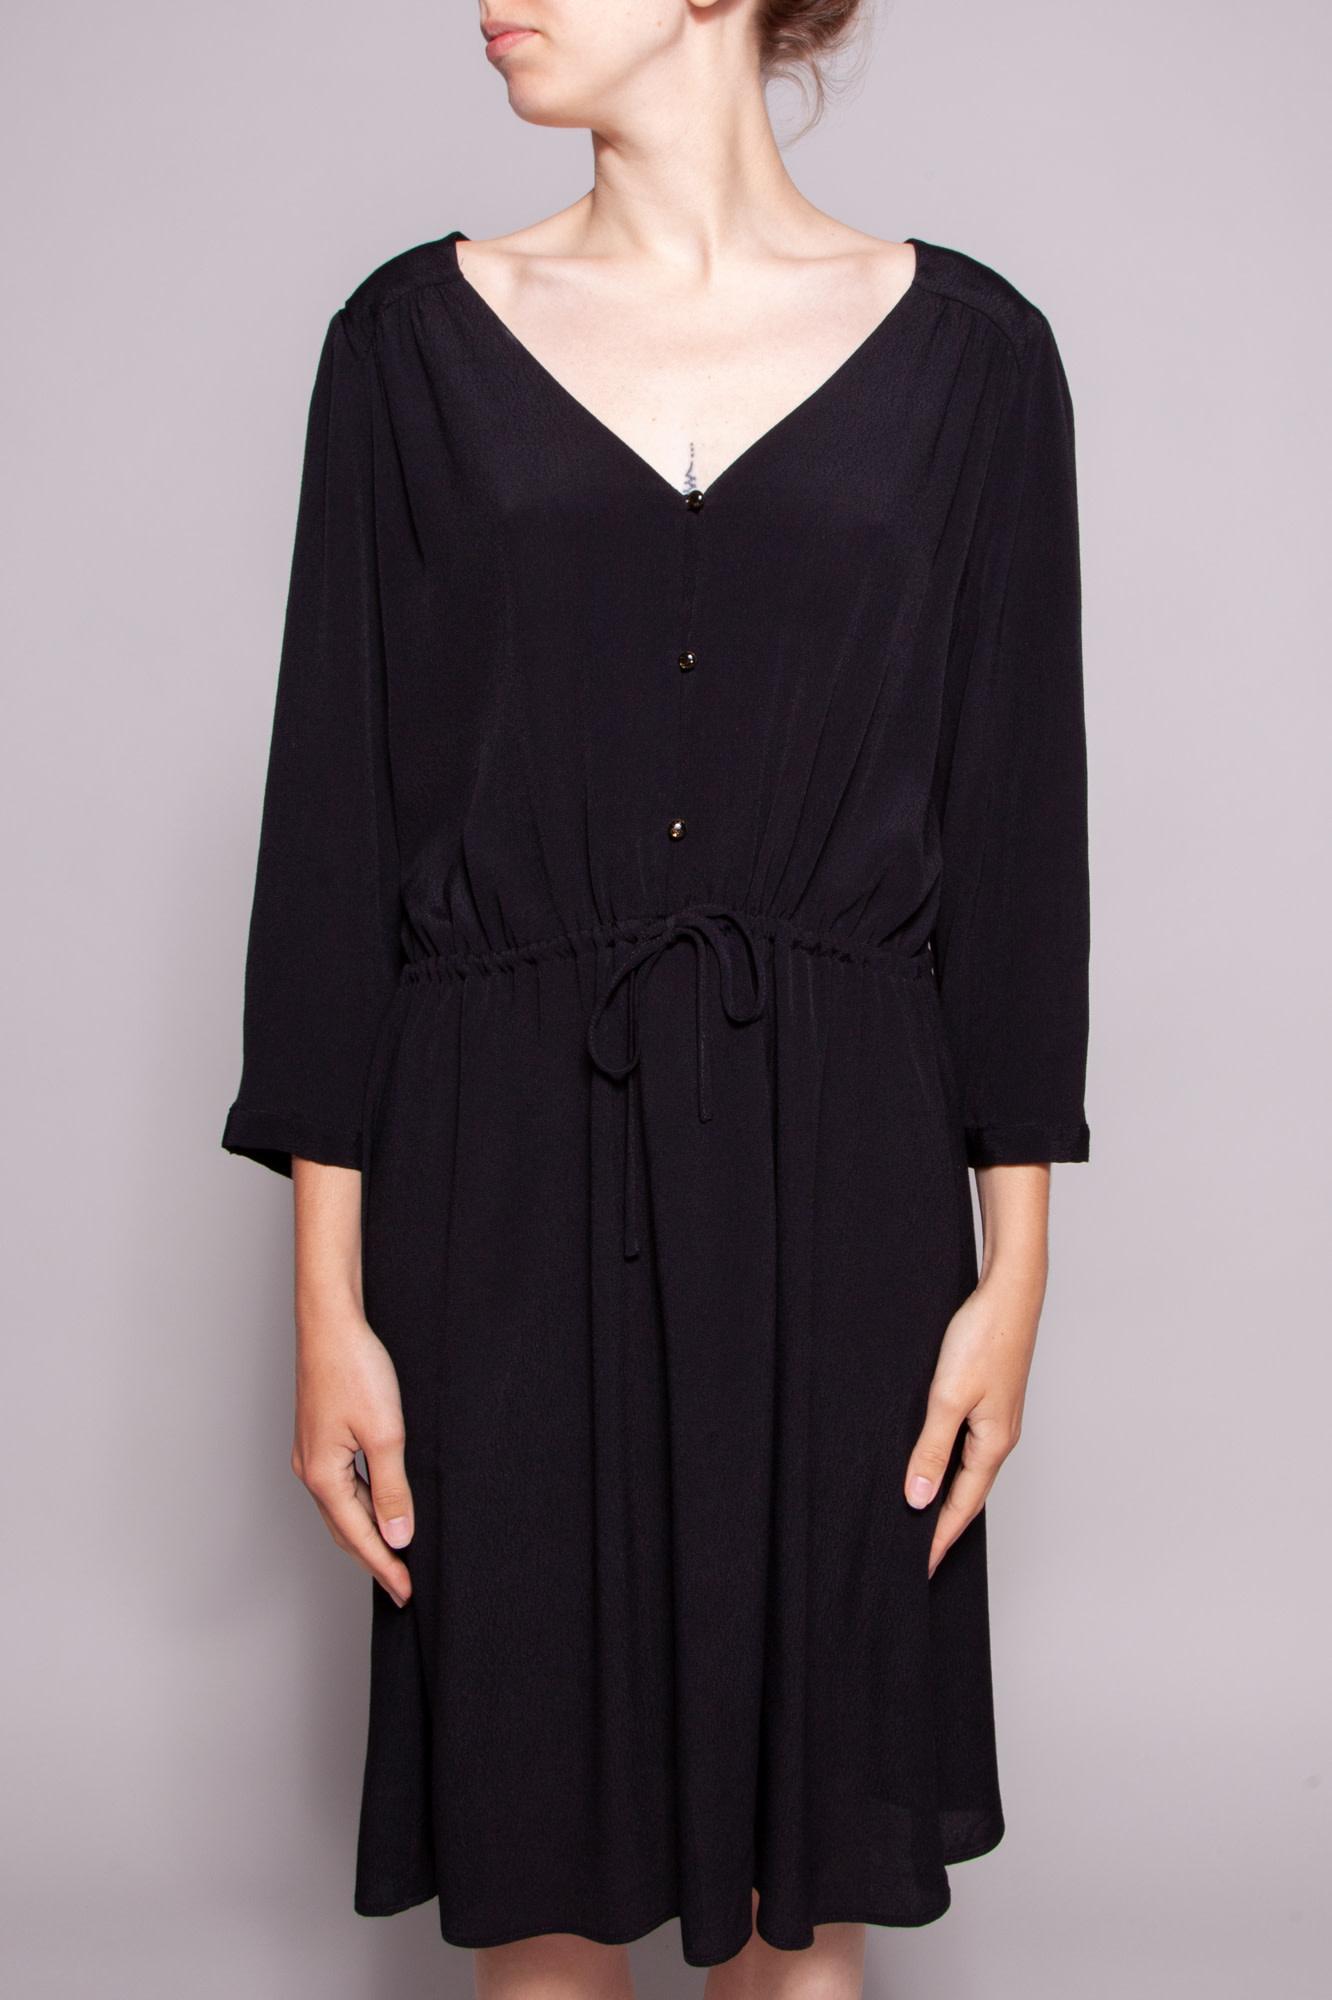 Robe Noire Serree A La Taille Des Petits Hauts Deuxieme Edition